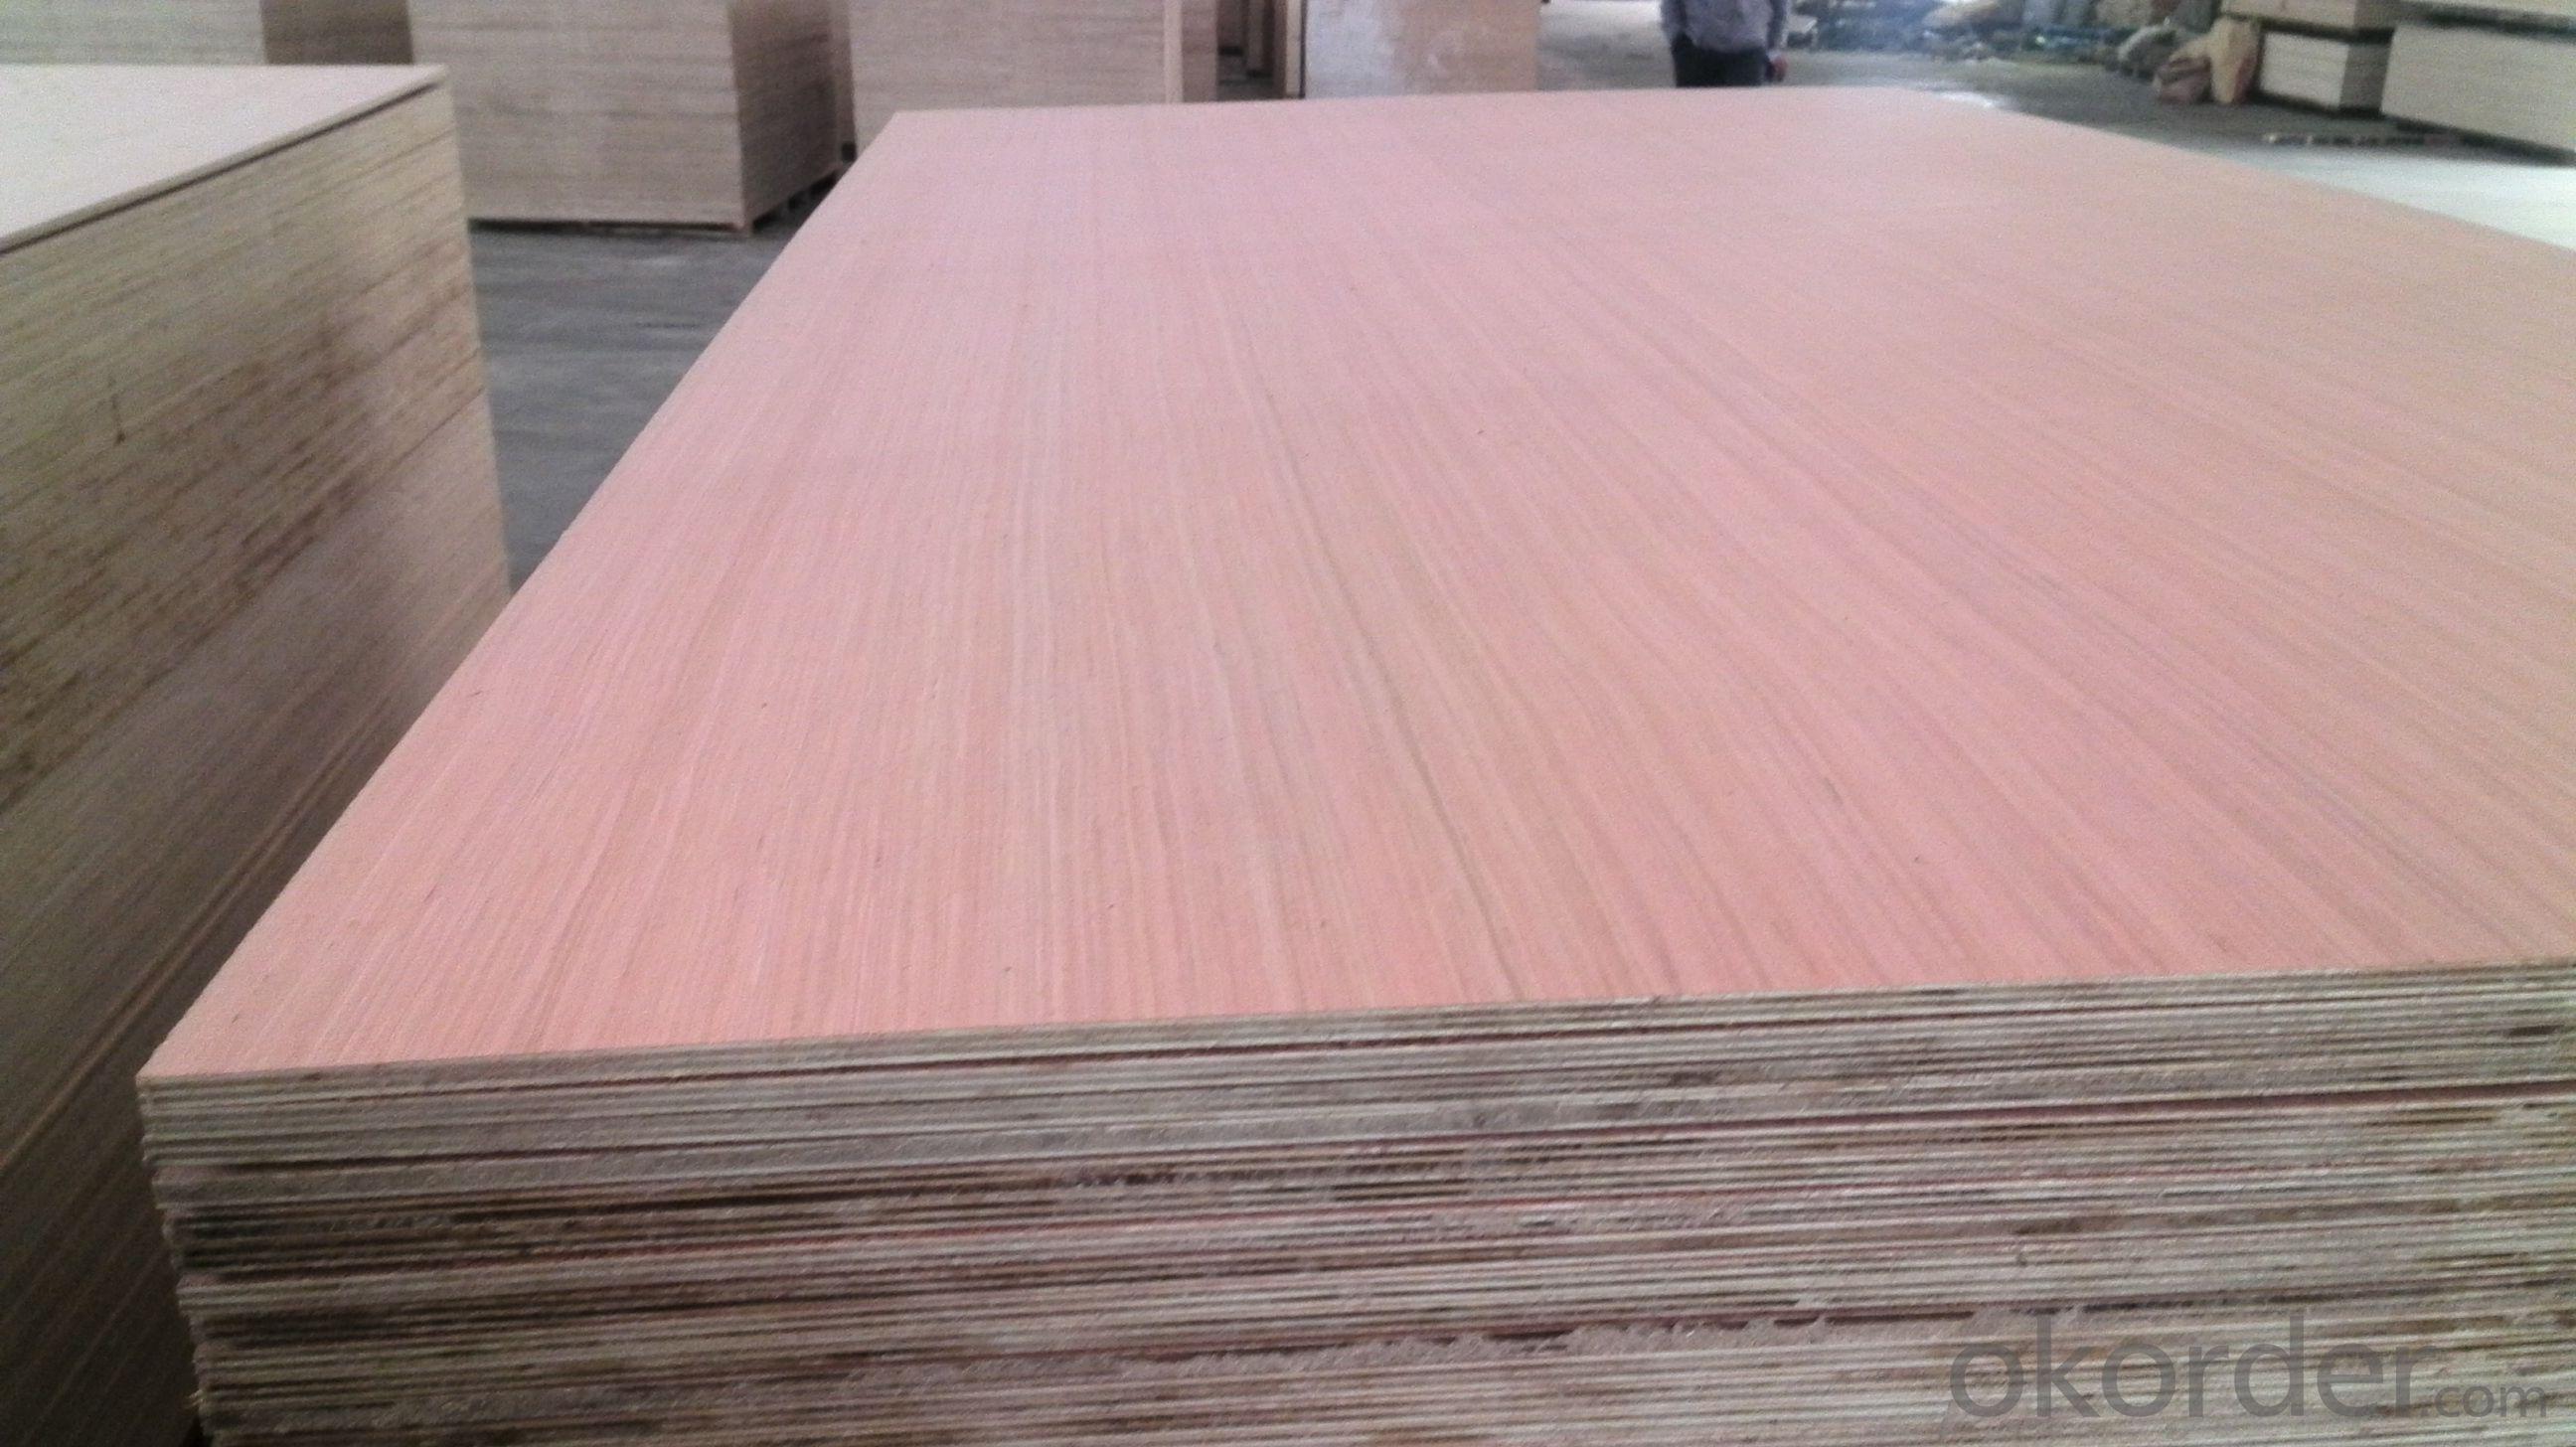 Bintangor Wood Veneer Face  Plywood Thick Board